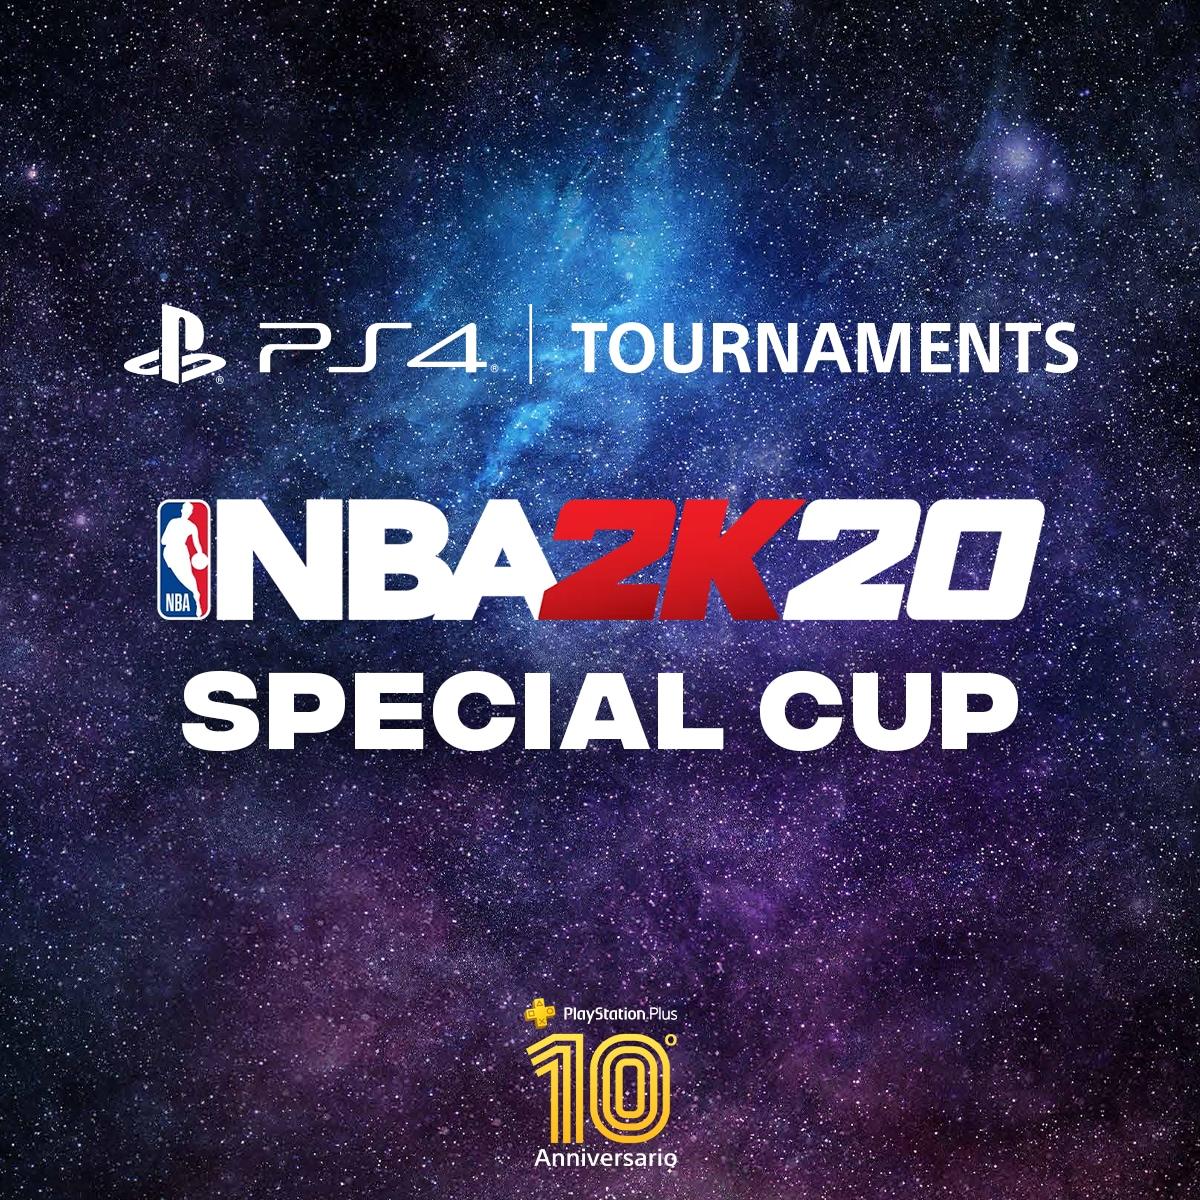 Sony continua a festeggiare i 10 anni di PS Plus: apre il torneo NBA 2K20 e un concorso con ghiottissimi premi in palio (foto)